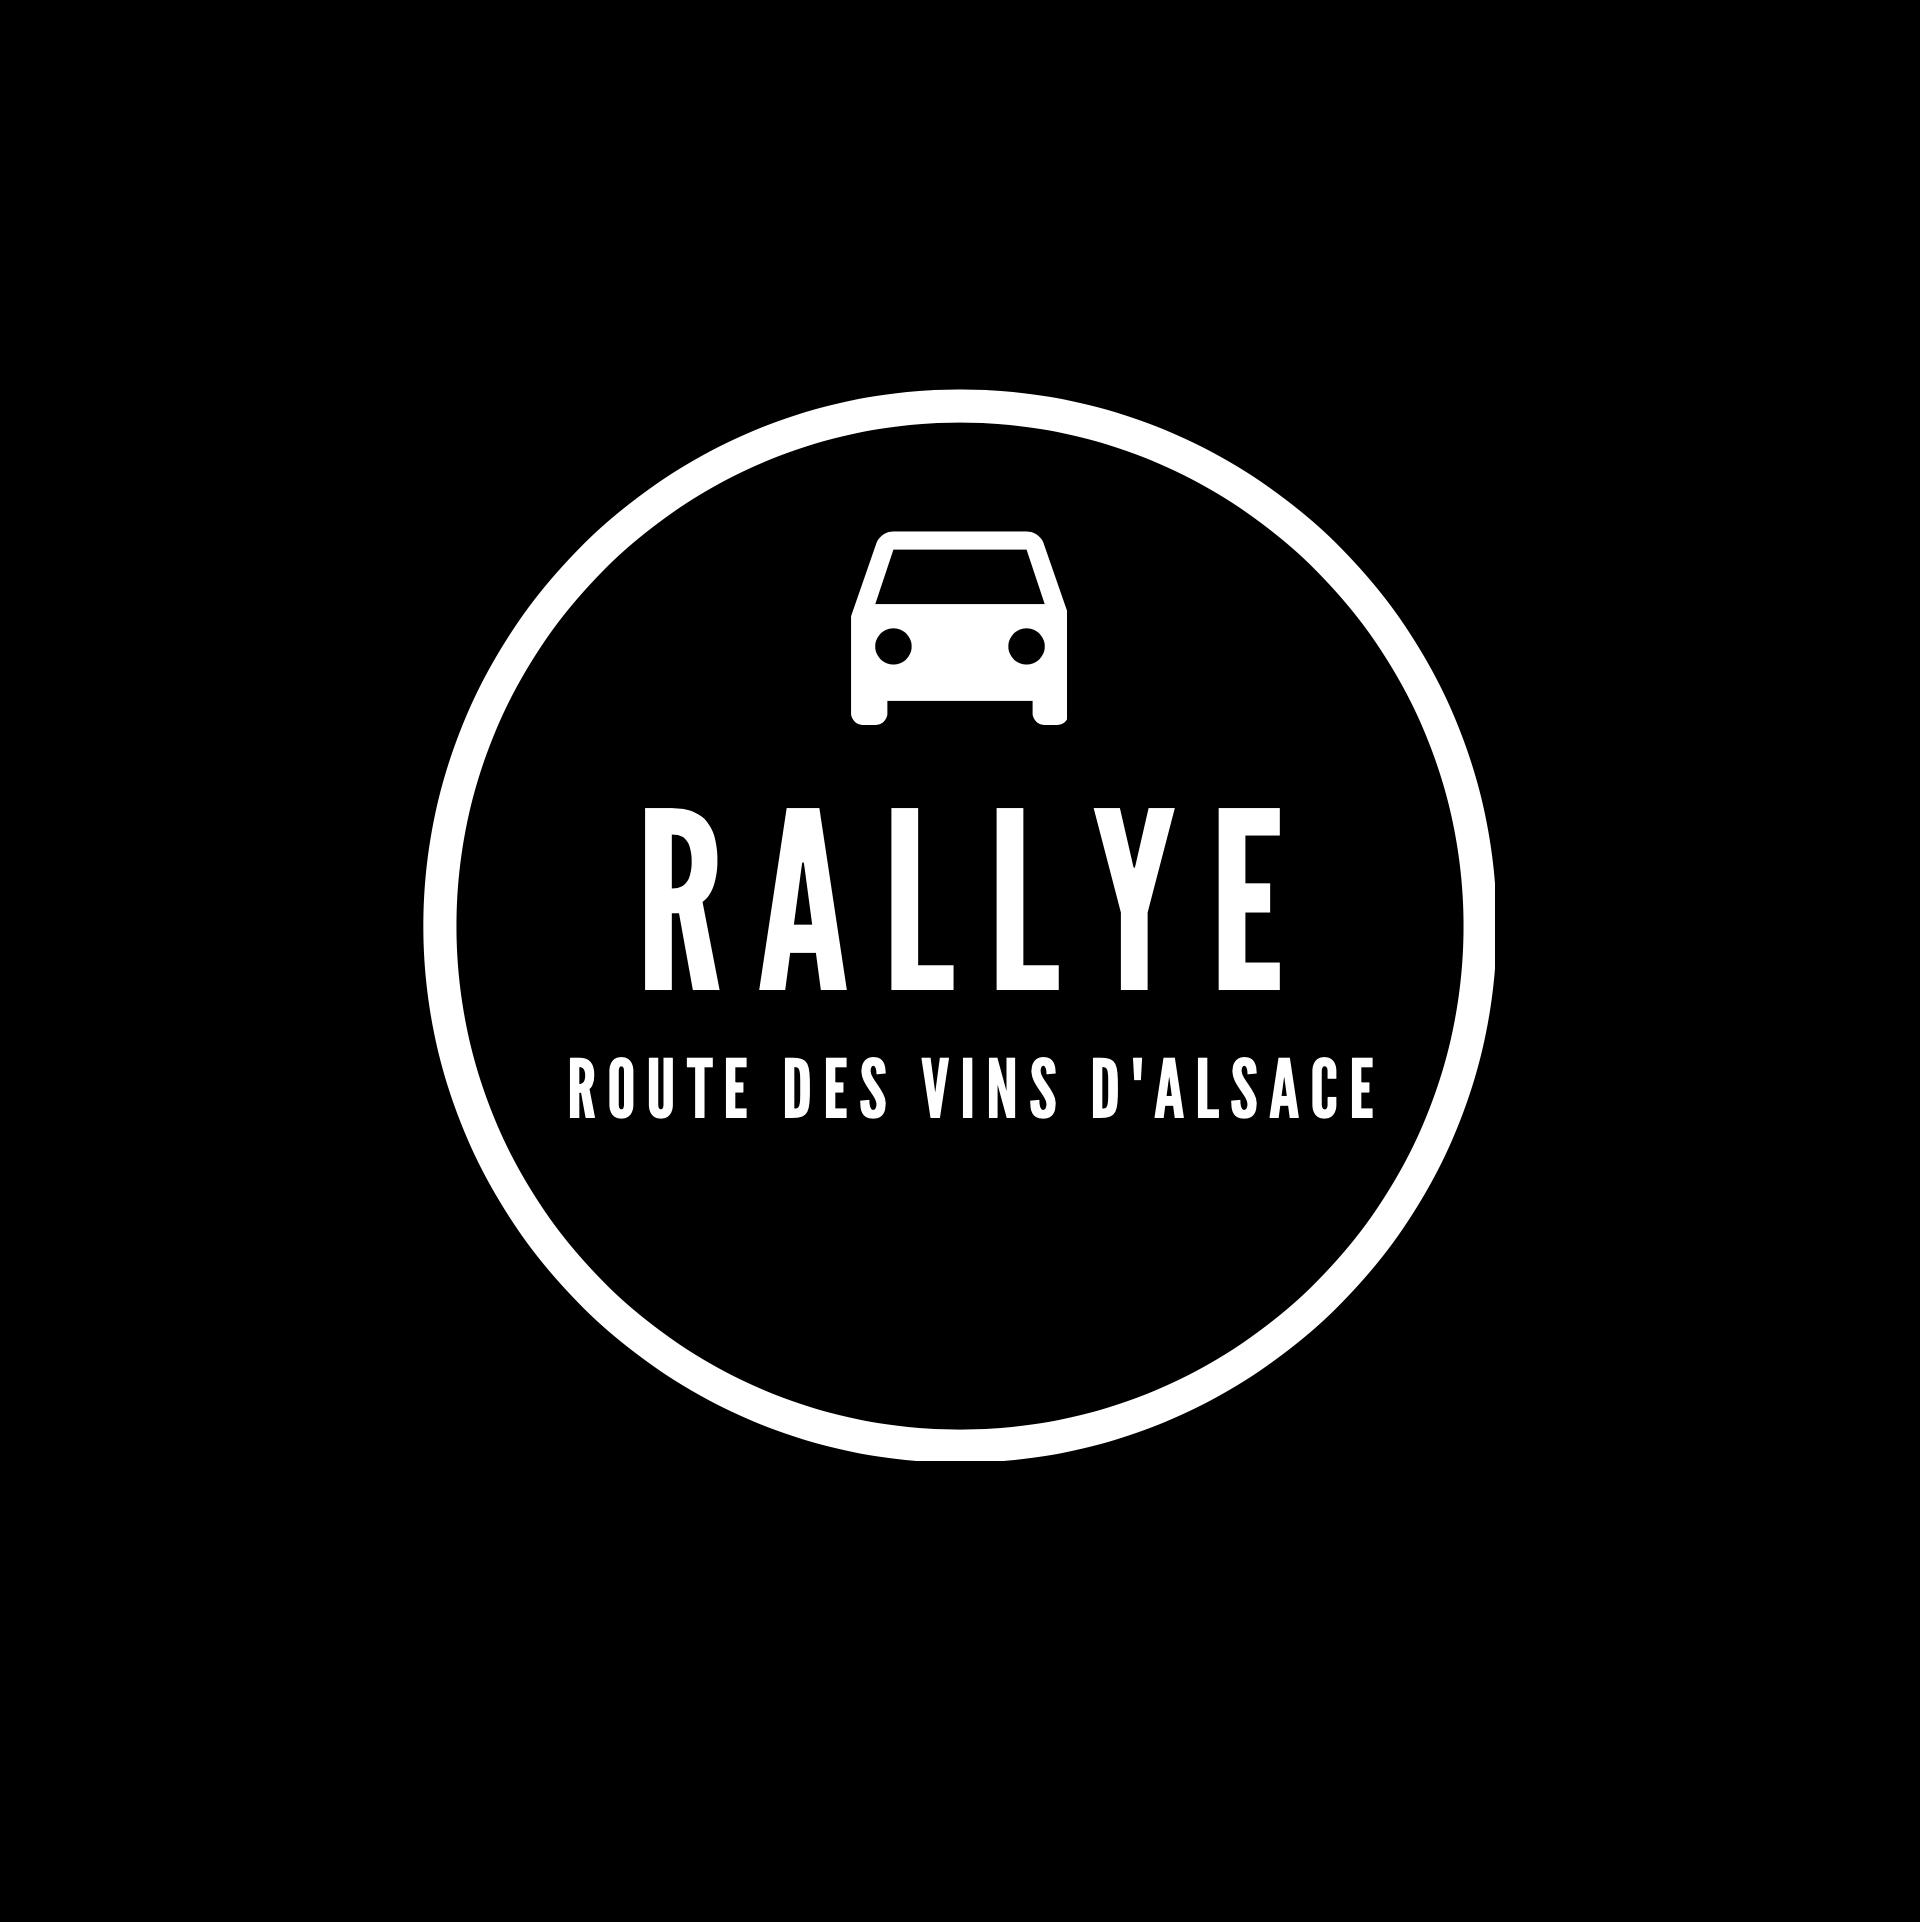 RALLYE ROUTE DES VINS